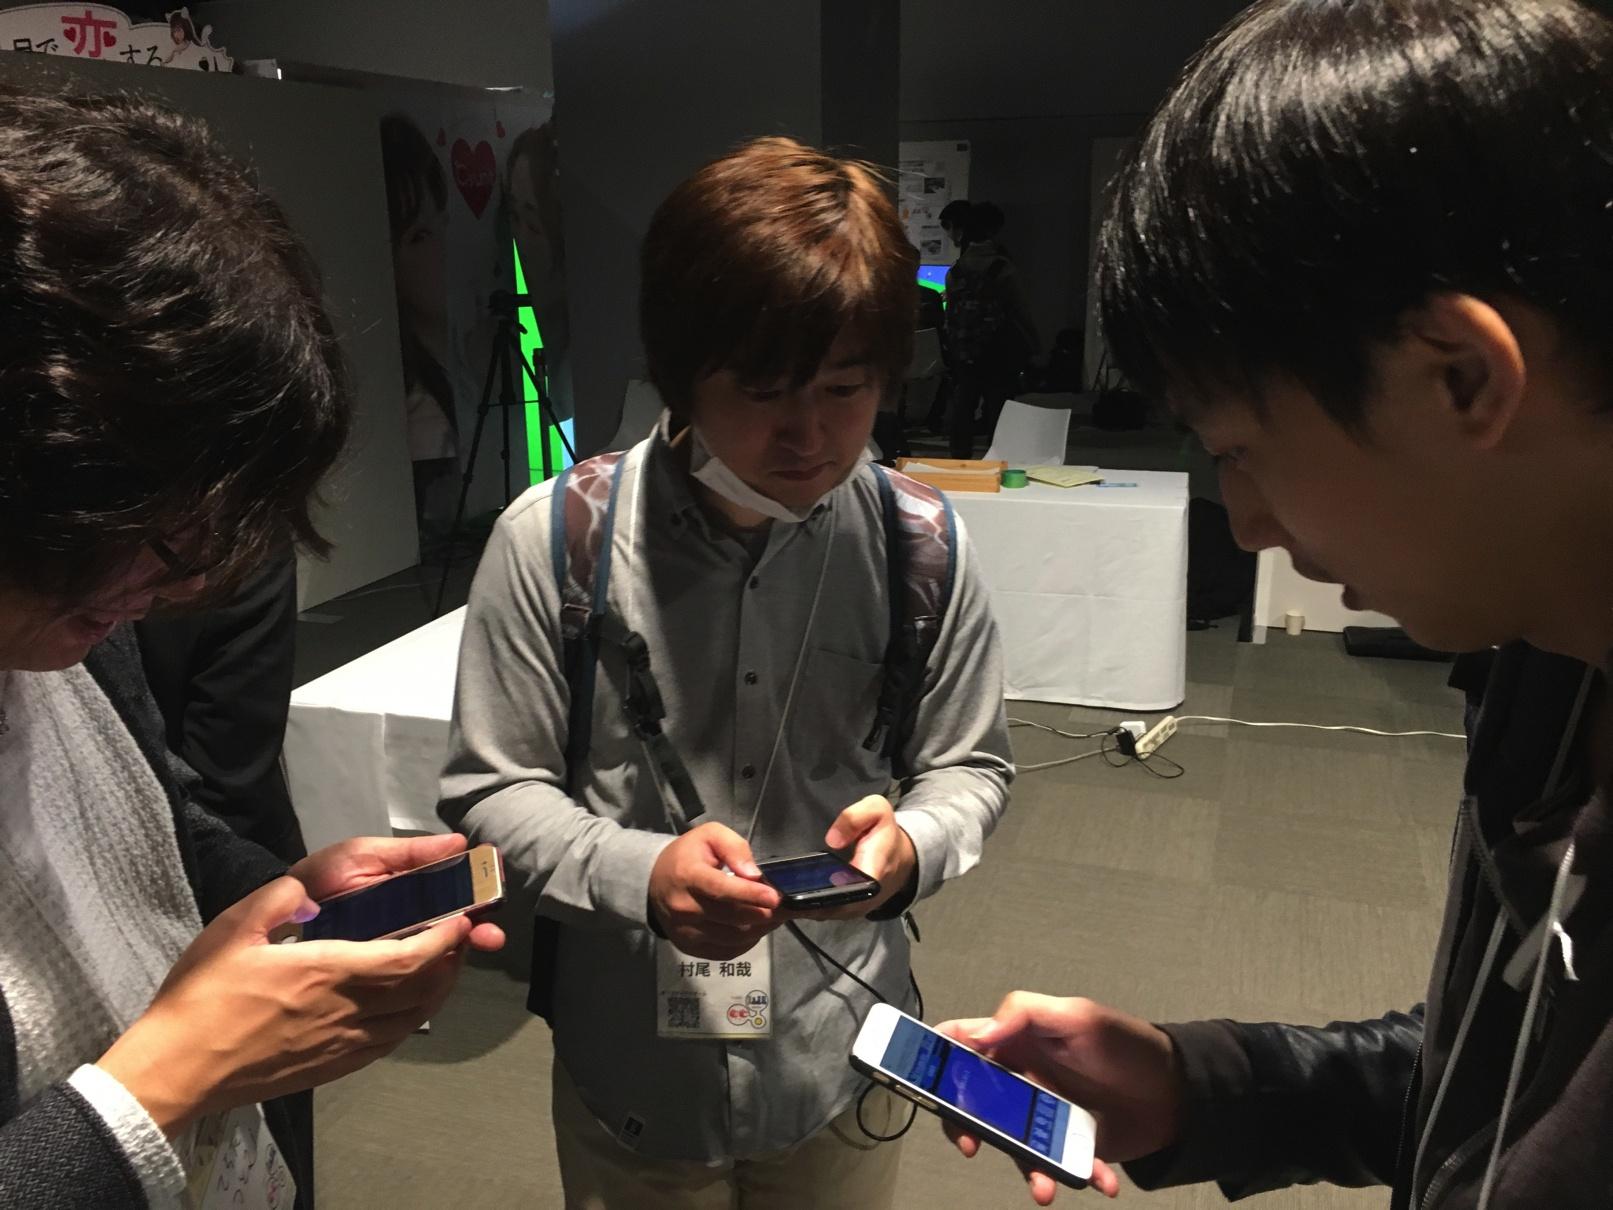 1日目終了後もゲームに夢中の先生方と土田さん